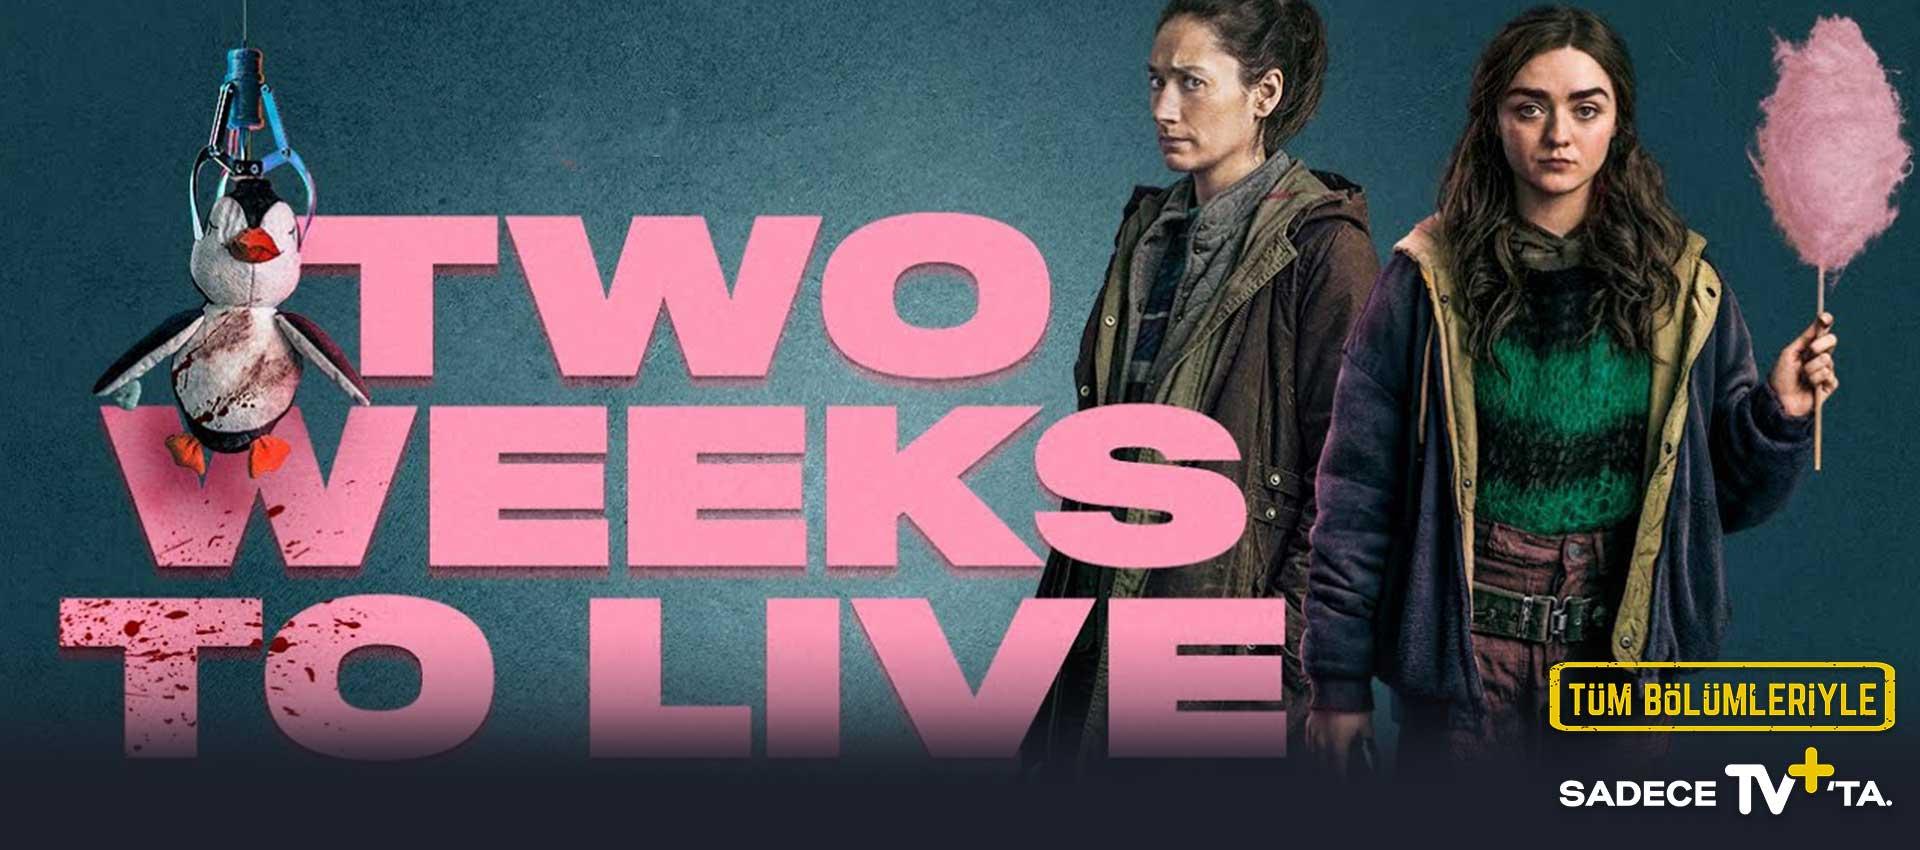 Two Weeks to Live dizi izle türkçe izle hd izle